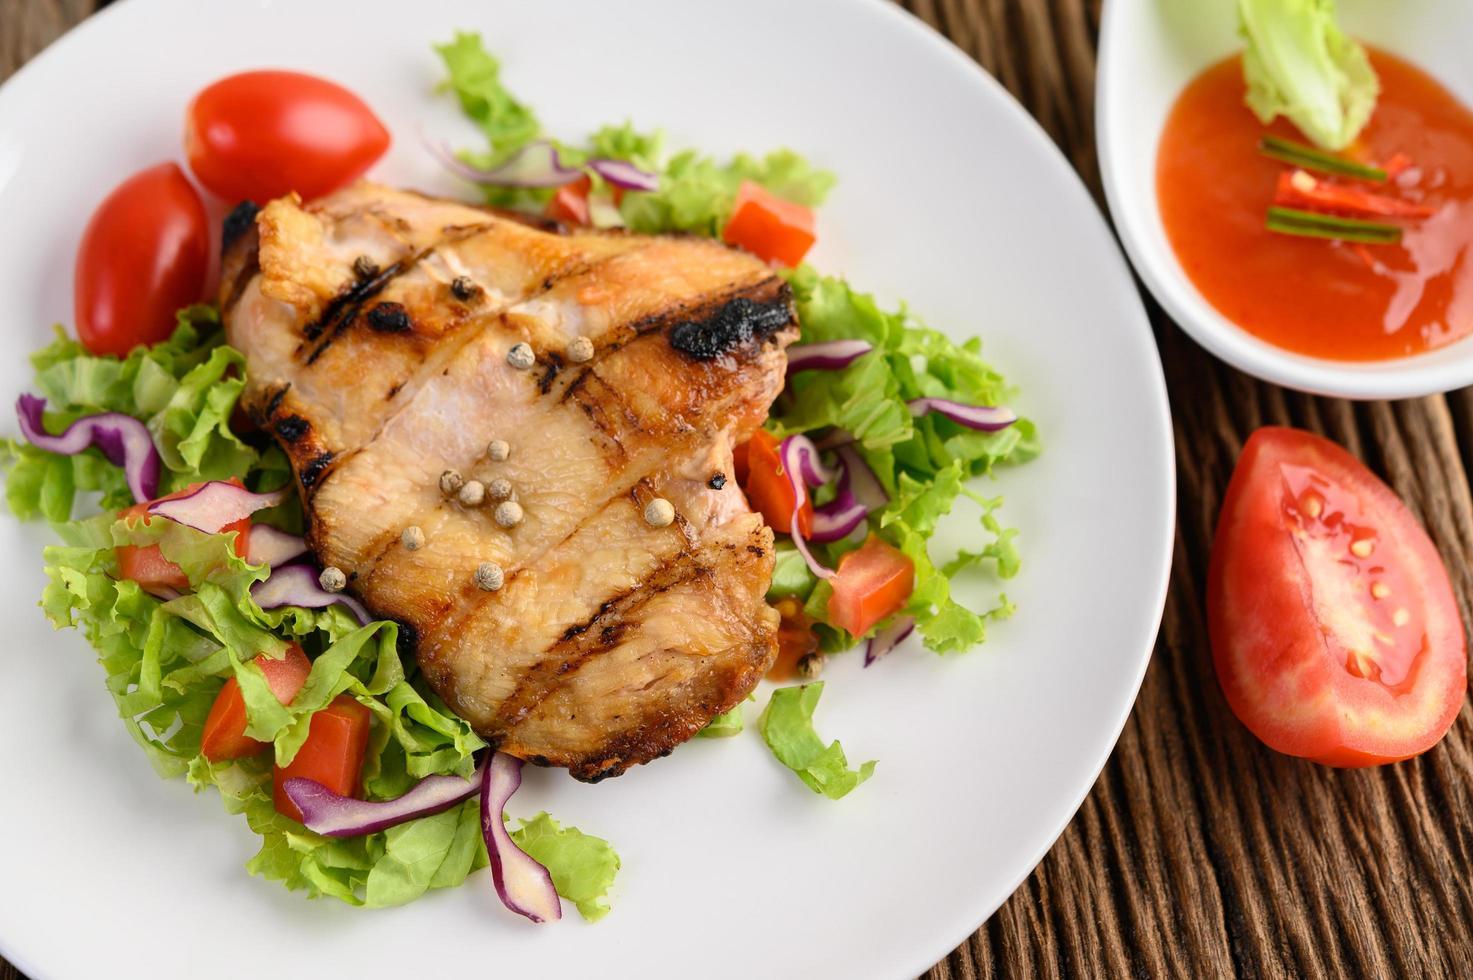 pollo a la plancha con ensalada foto